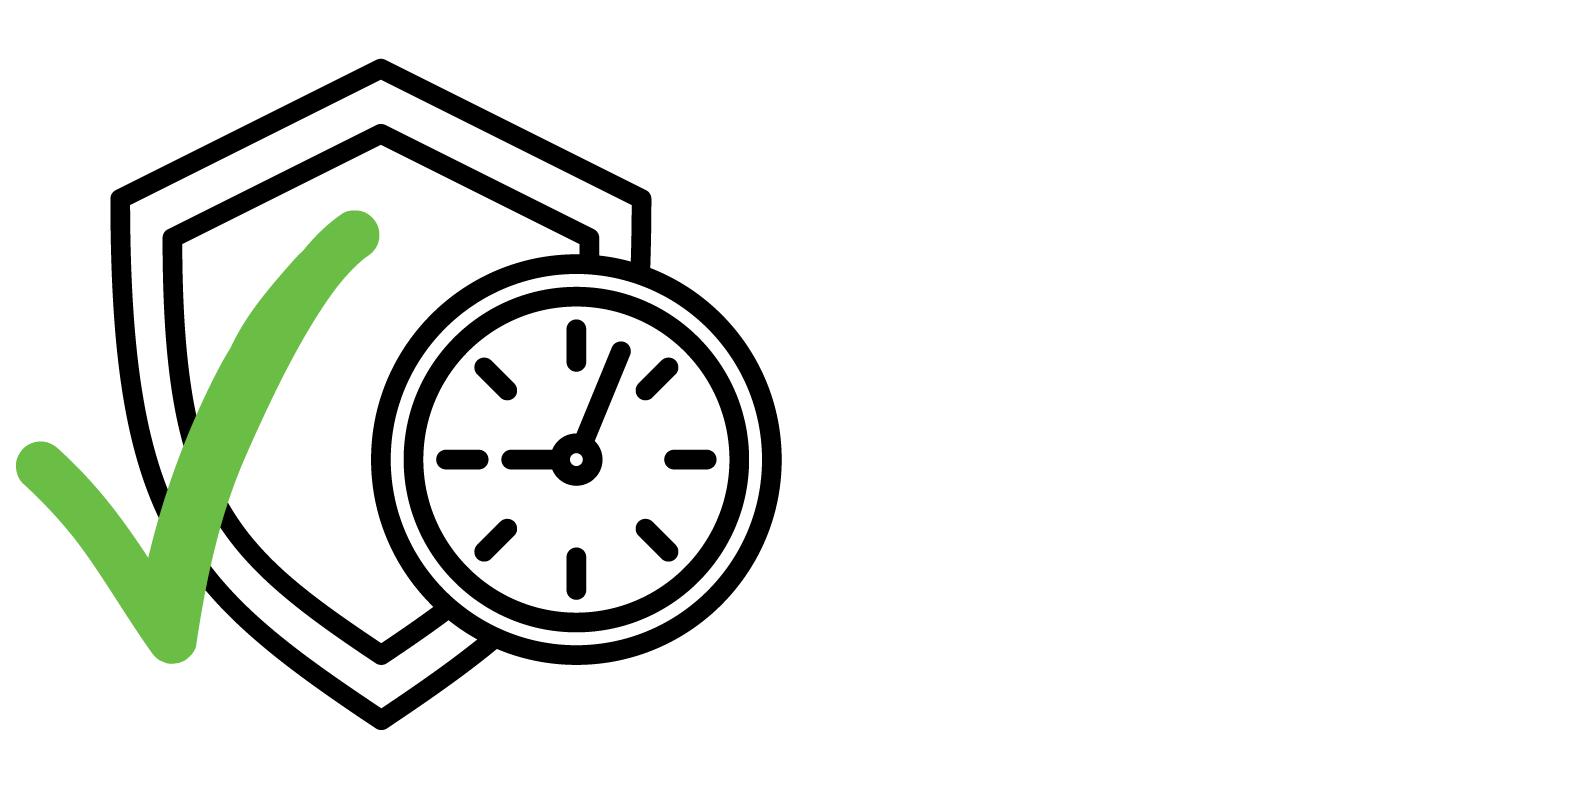 save halt schnell icon breit desktop